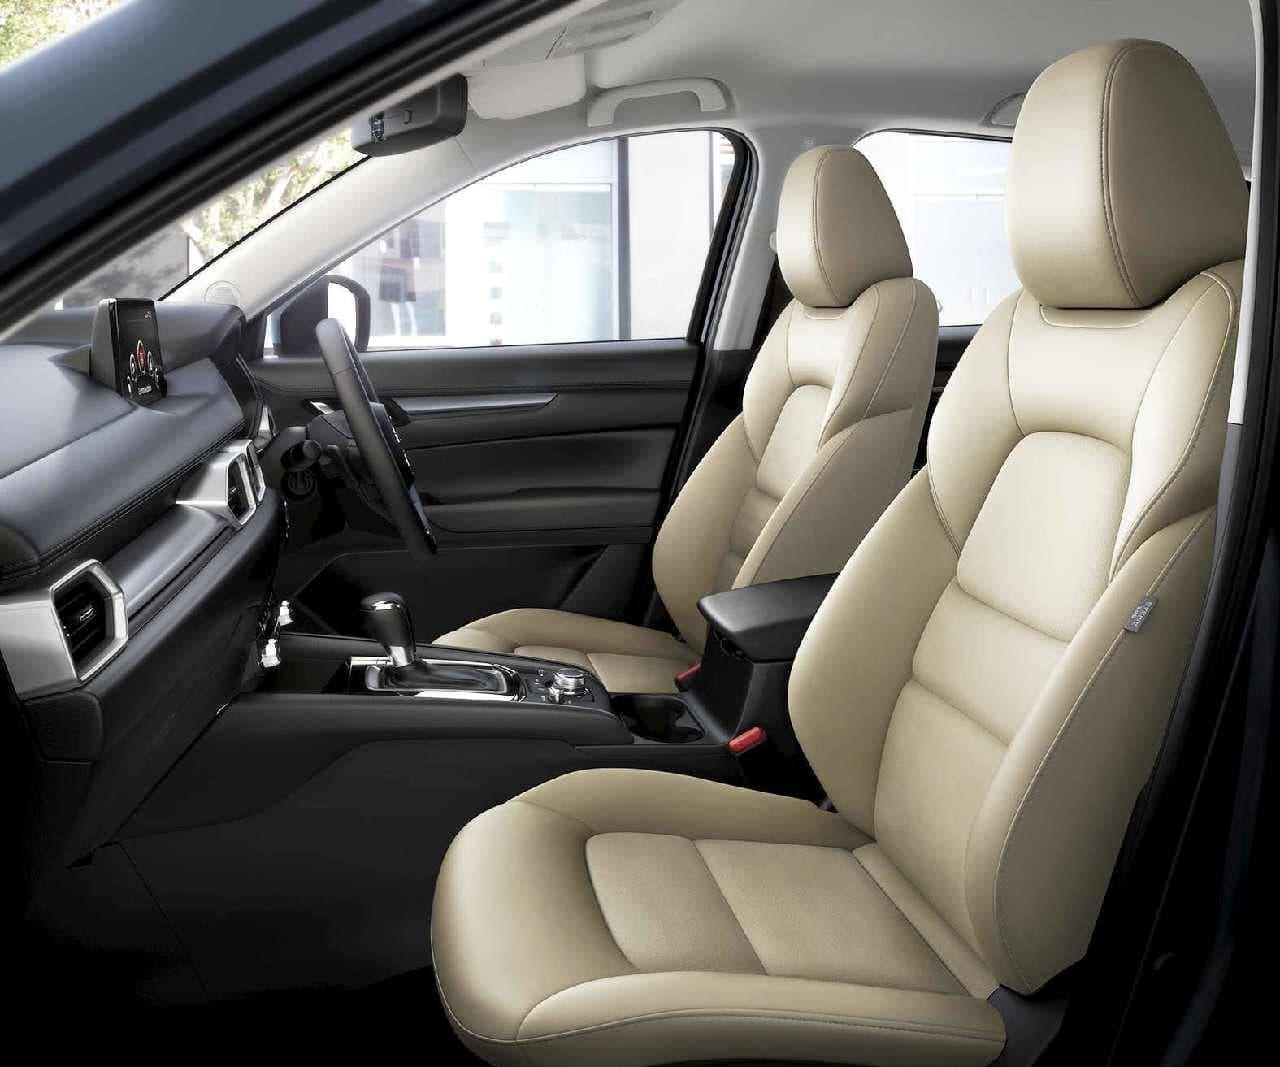 マツダのクロスオーバーSUV「MAZDA CX-5」2020年モデル ― 上品な内装の特別仕様車「Silk Beige Selection」も